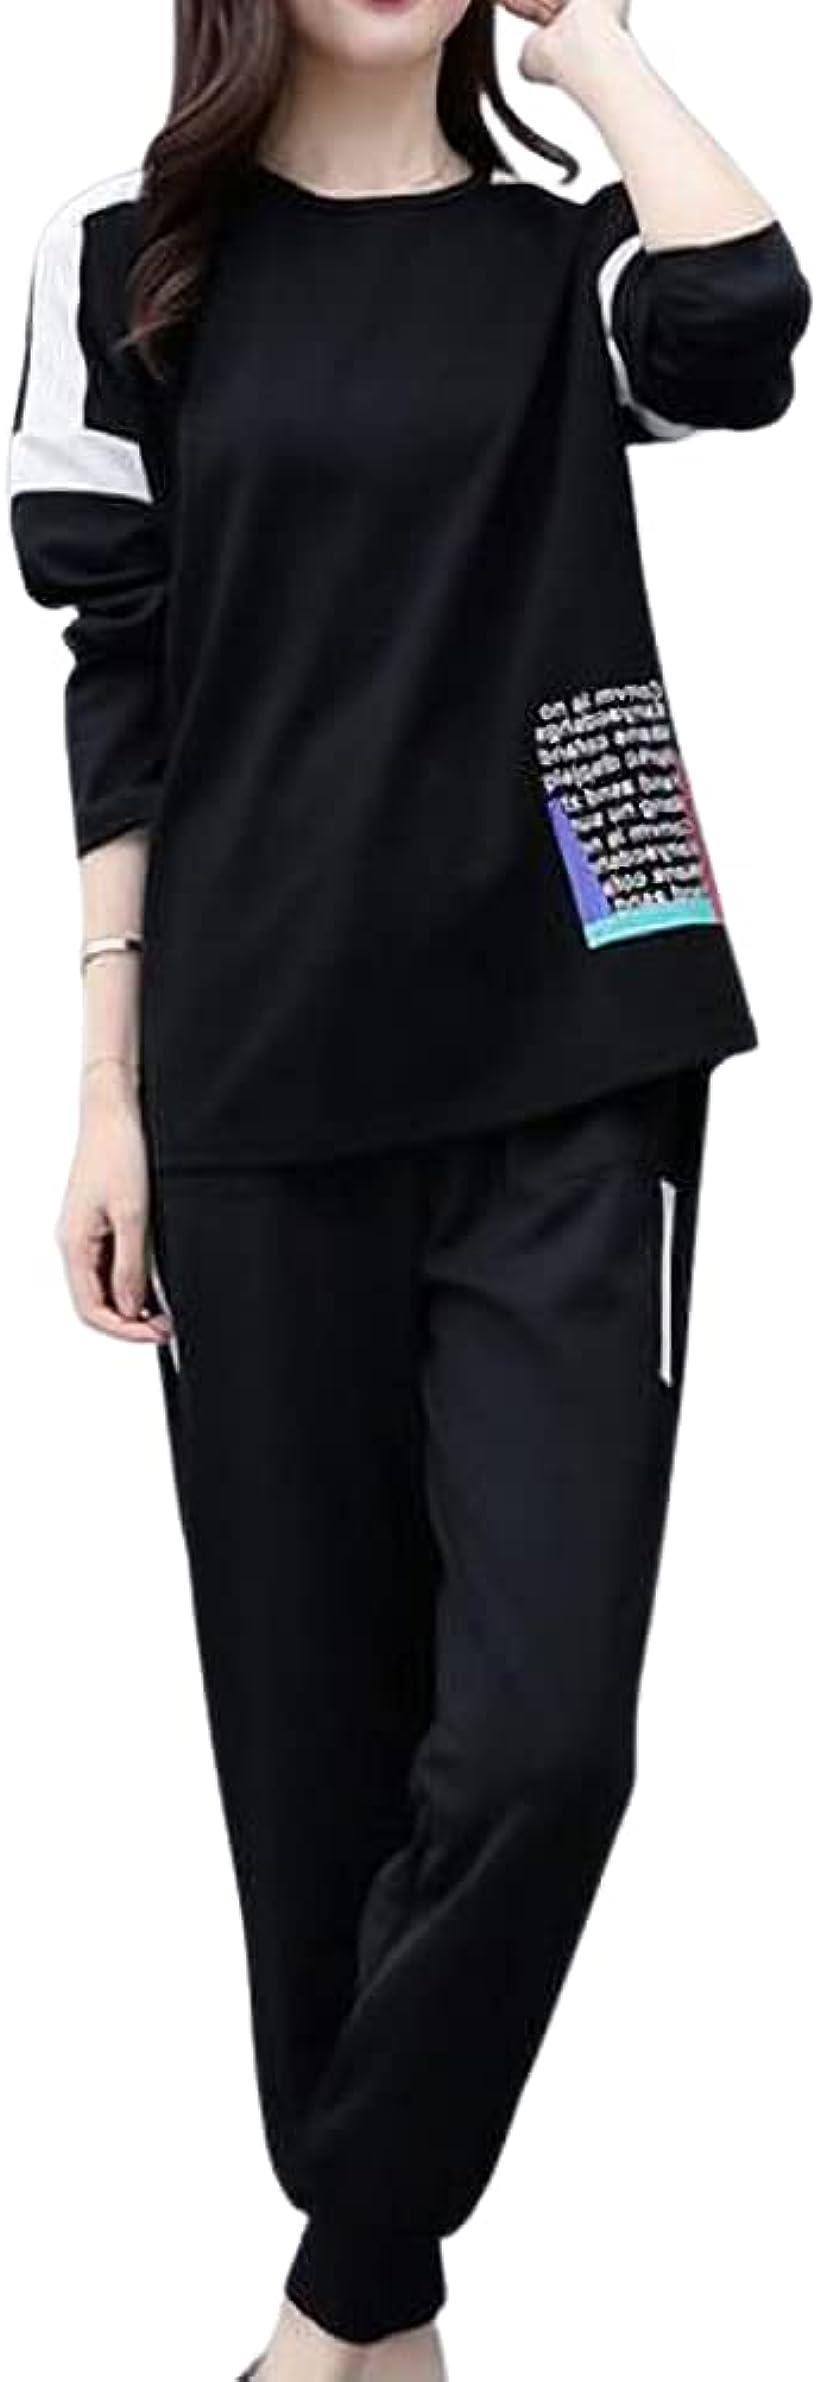 emptio エンプティオ 長袖 オシャレ 上下セット AL完売しました 美品 スエット 2XL #ブラック パンツ セットアップ ブラック レディ―ス